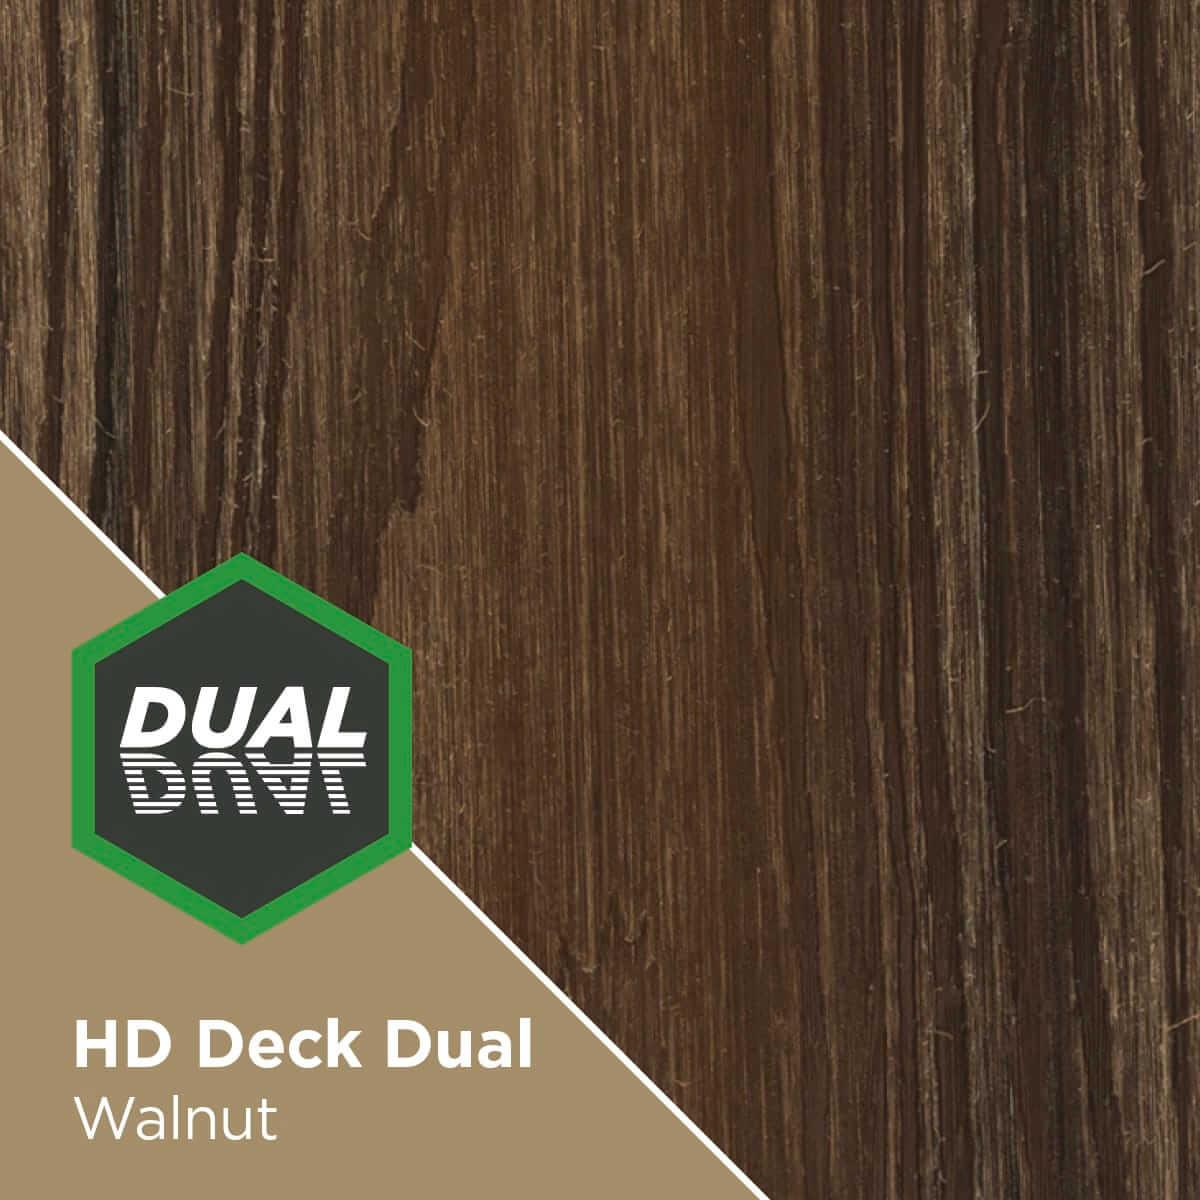 HD Deck Dual Walnut